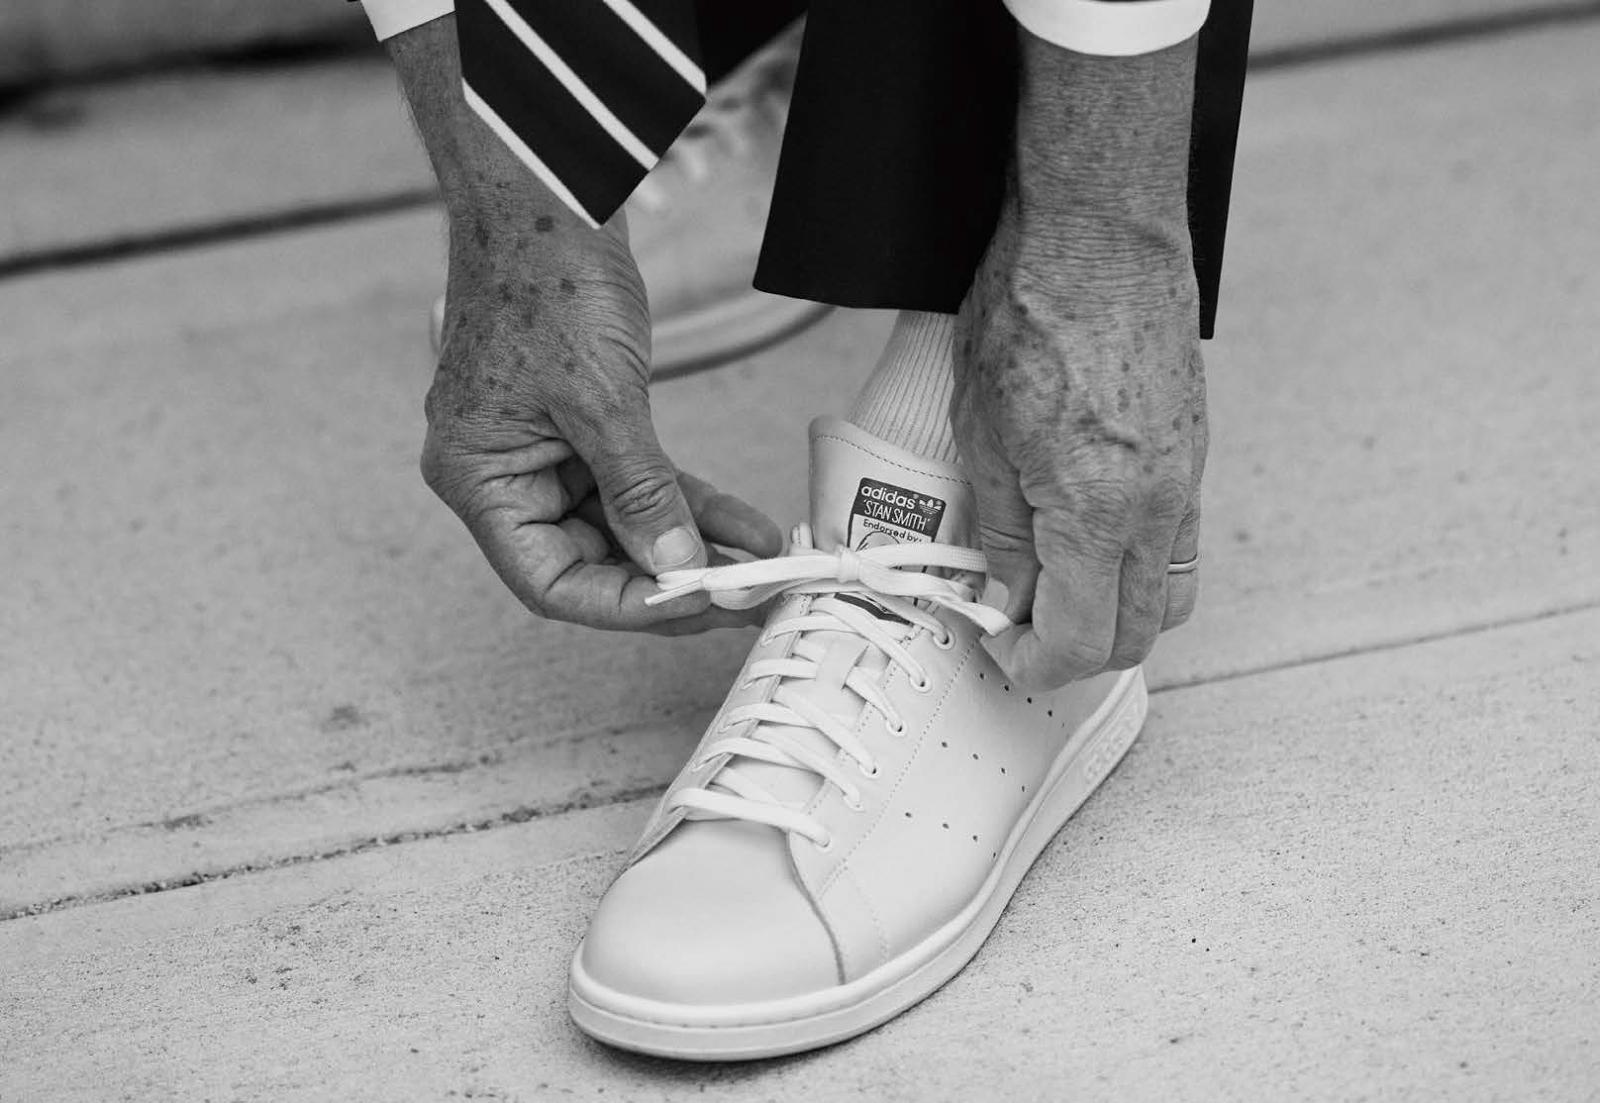 Dòng giày hot nhất hiện nay đã 38 năm tuổi và câu chuyện về cú lừa ngoạn mục - Ảnh 3.